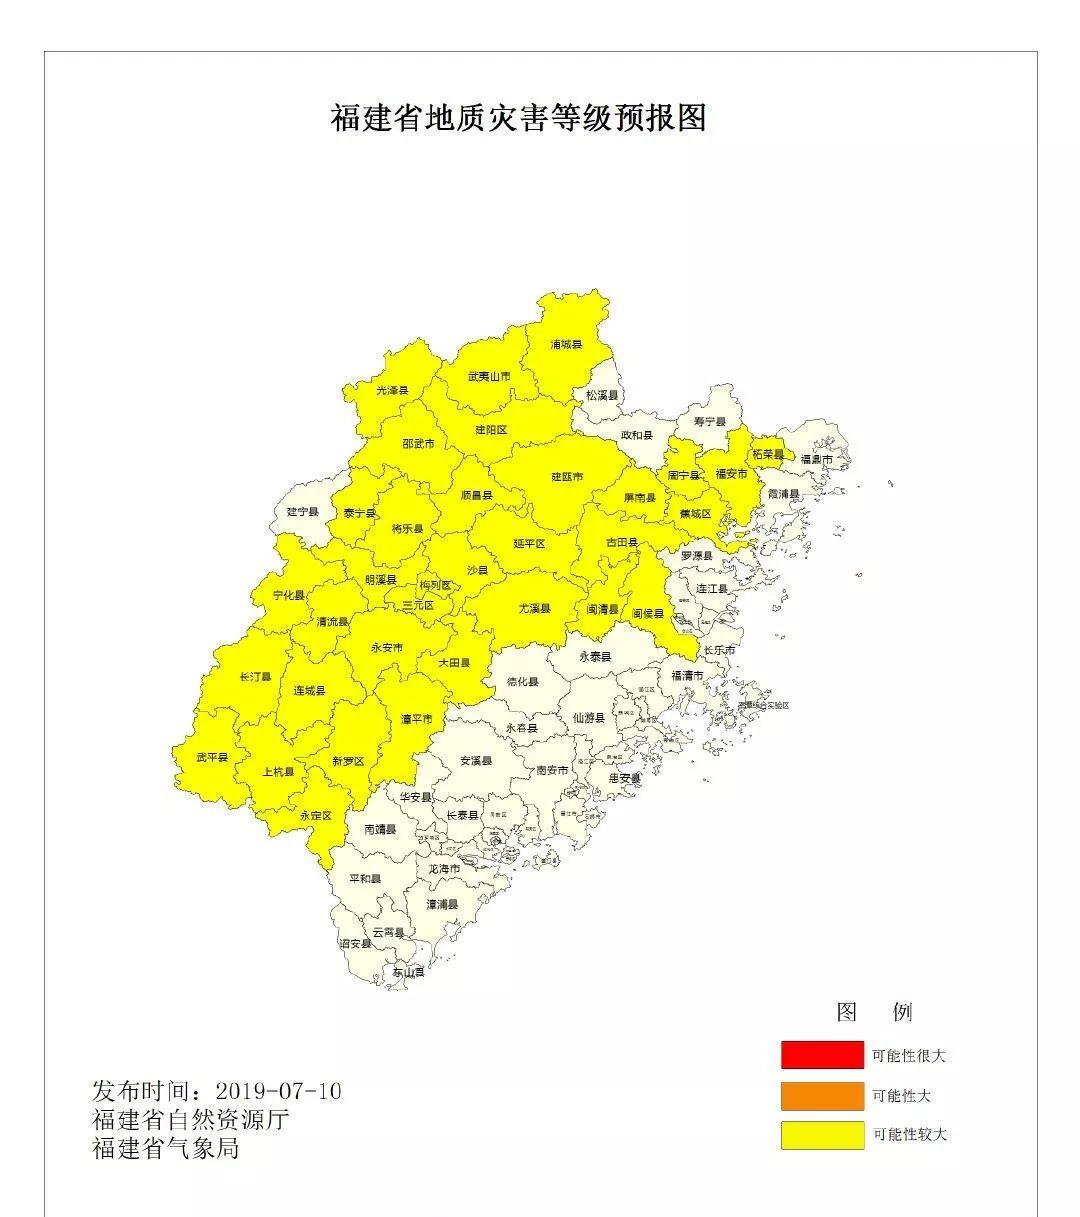 今天福建全省出现分散性暴雨!这些地方请注意!